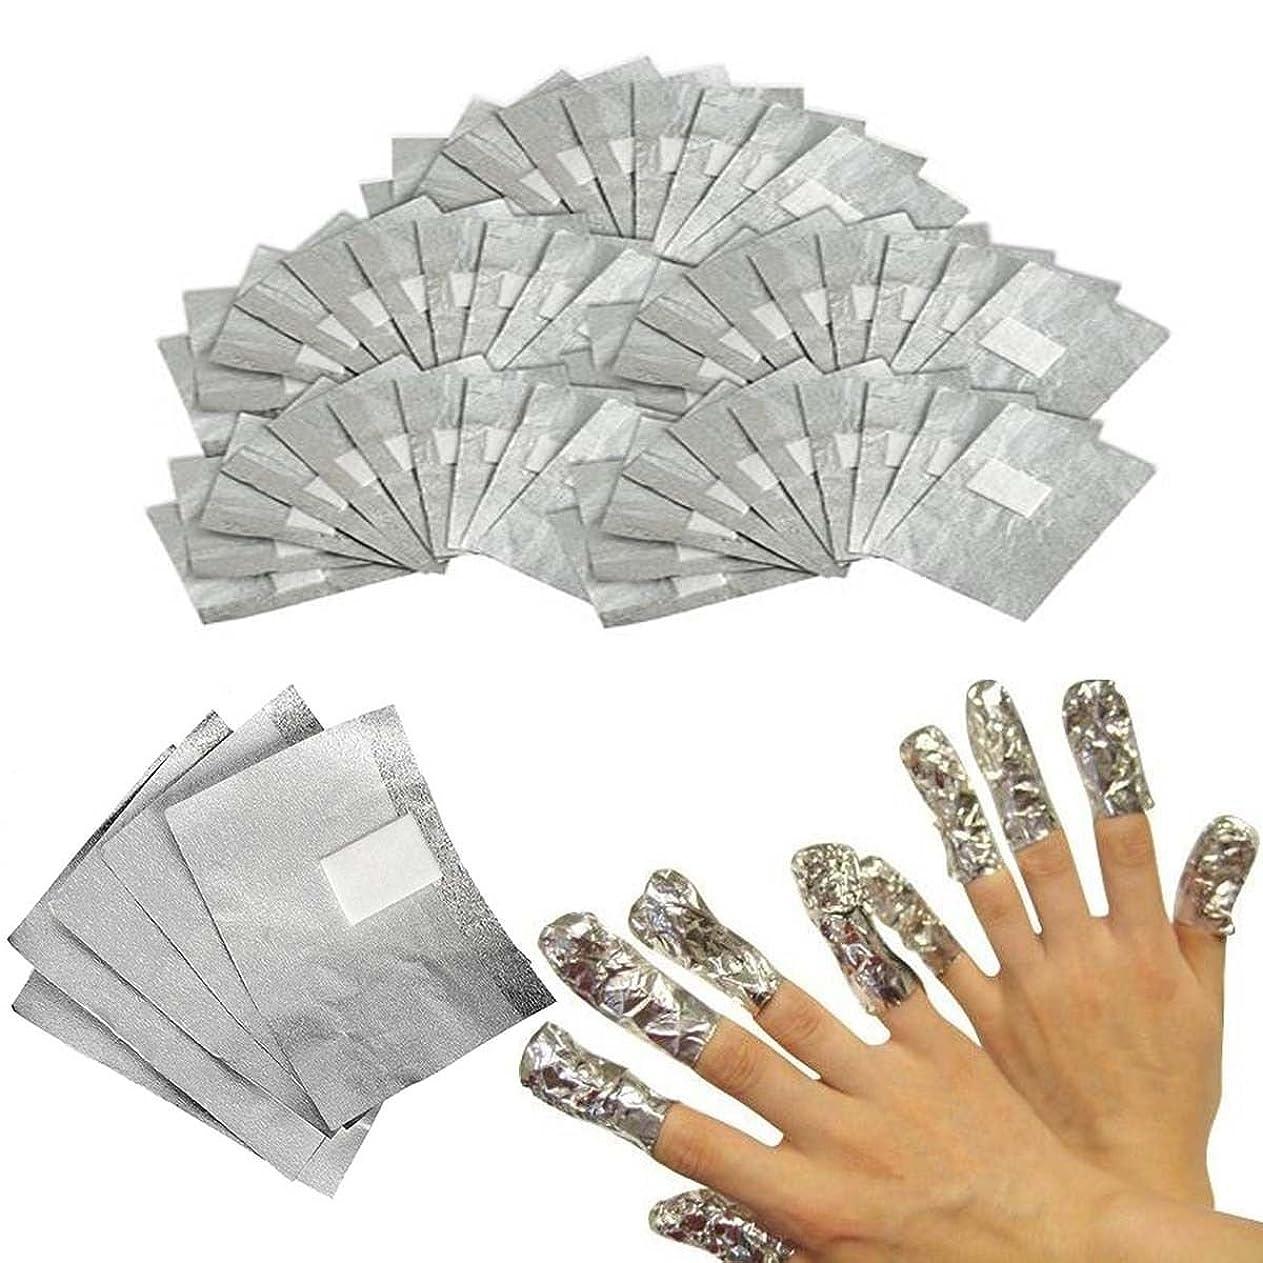 講義うなる算術Elitlife 200枚セット アクリルUVジェル ネイルポリッシュをきれいにオフ コットン付きアルミホイル 素敵な在宅ゲル爪マニキュア用品